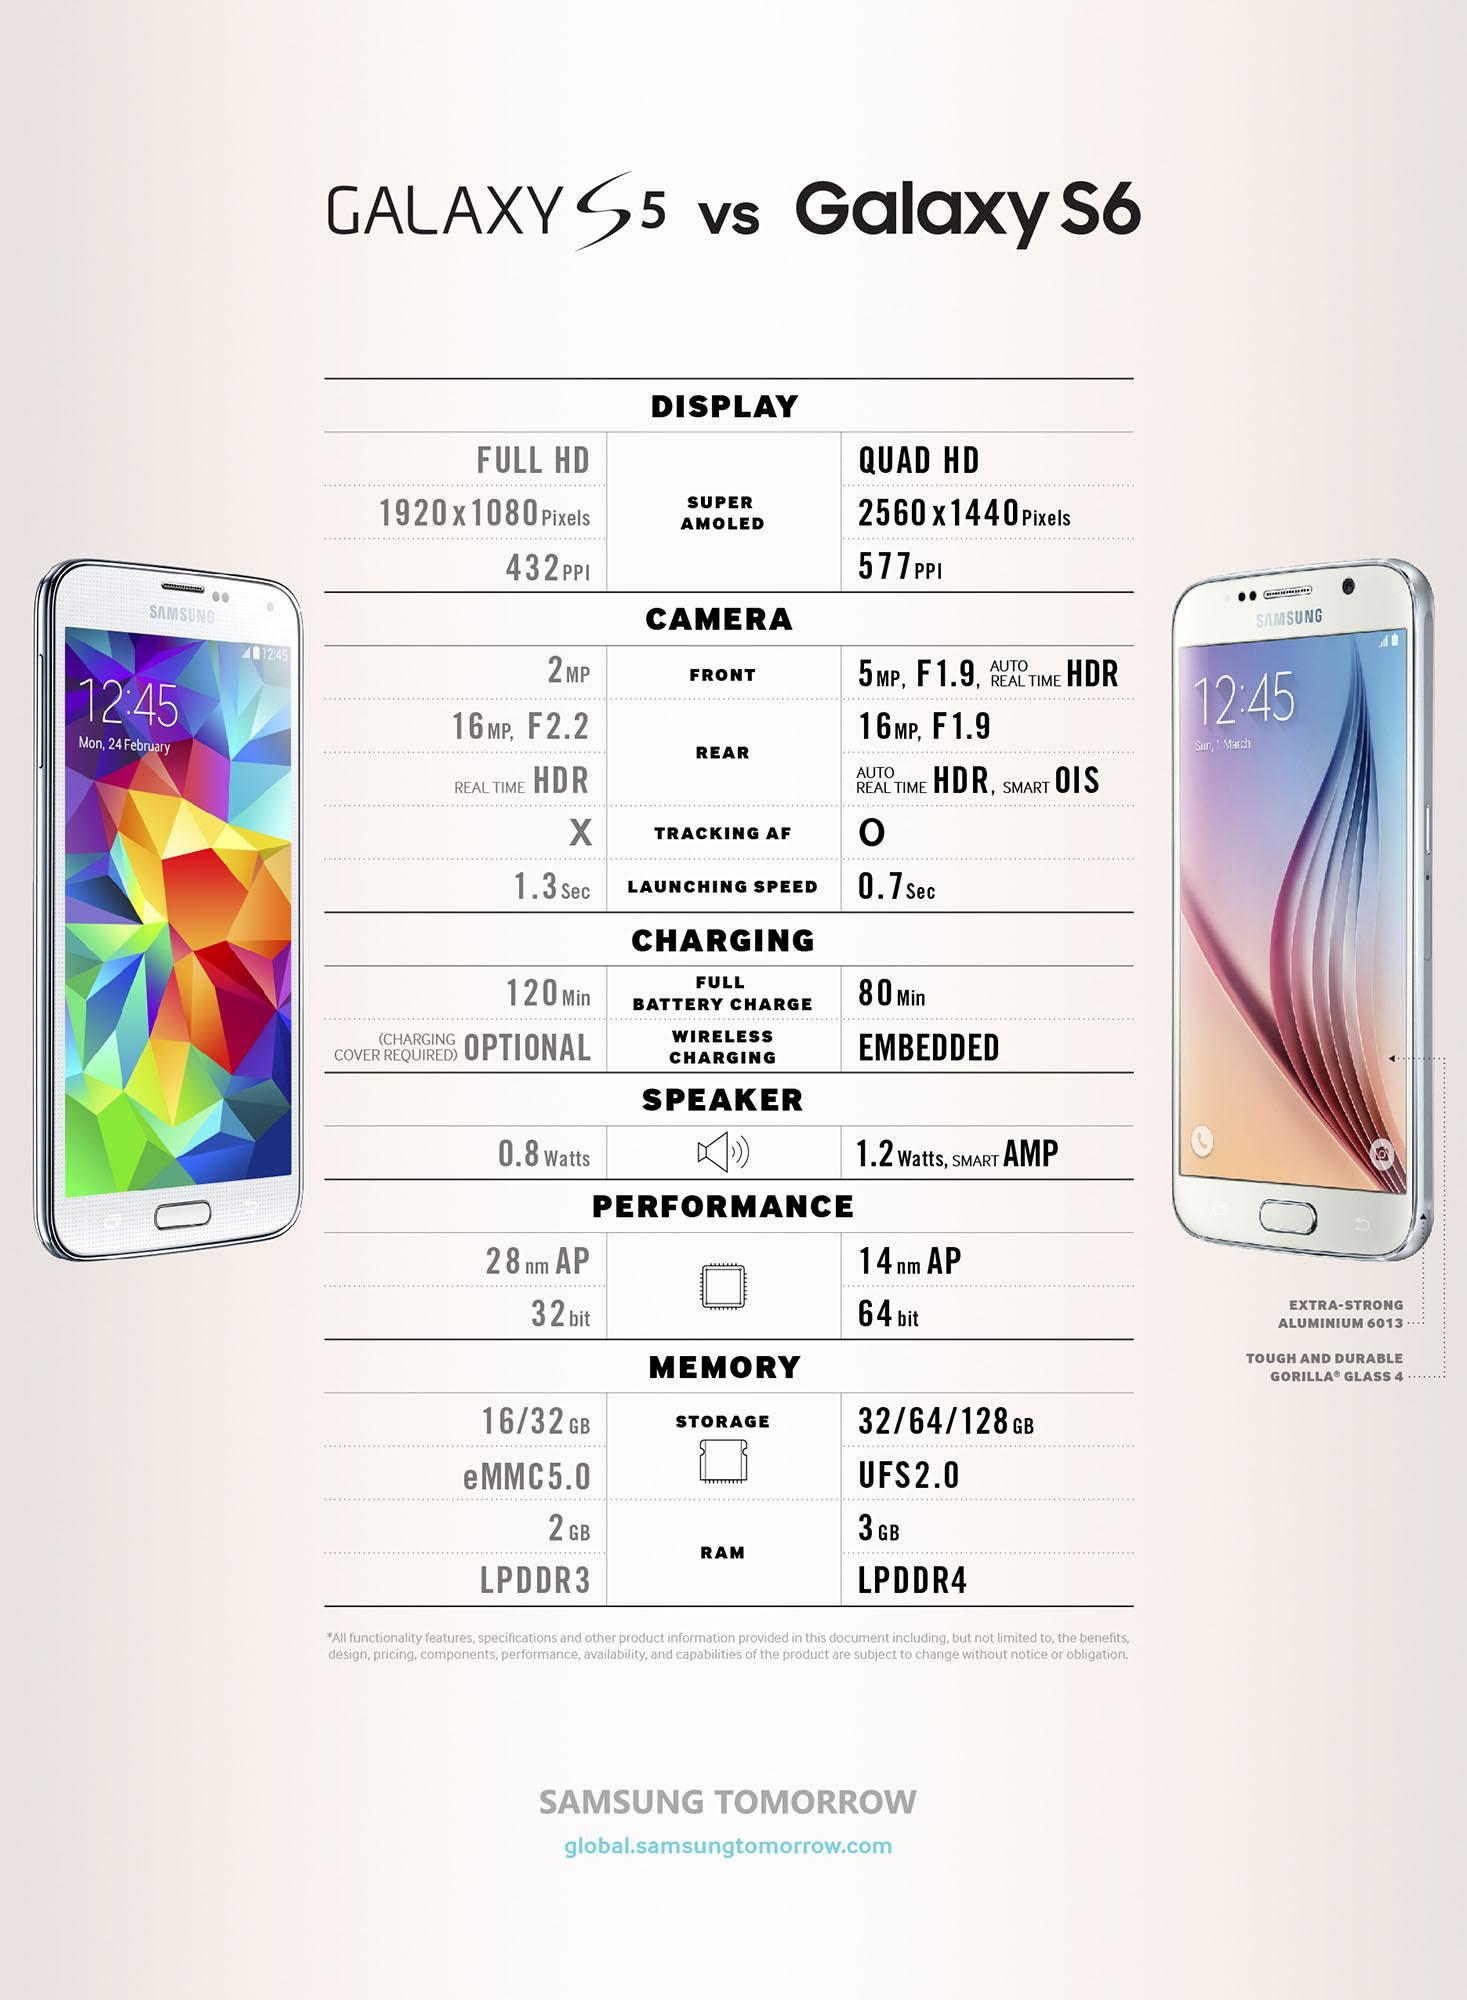 S6 vs. S5